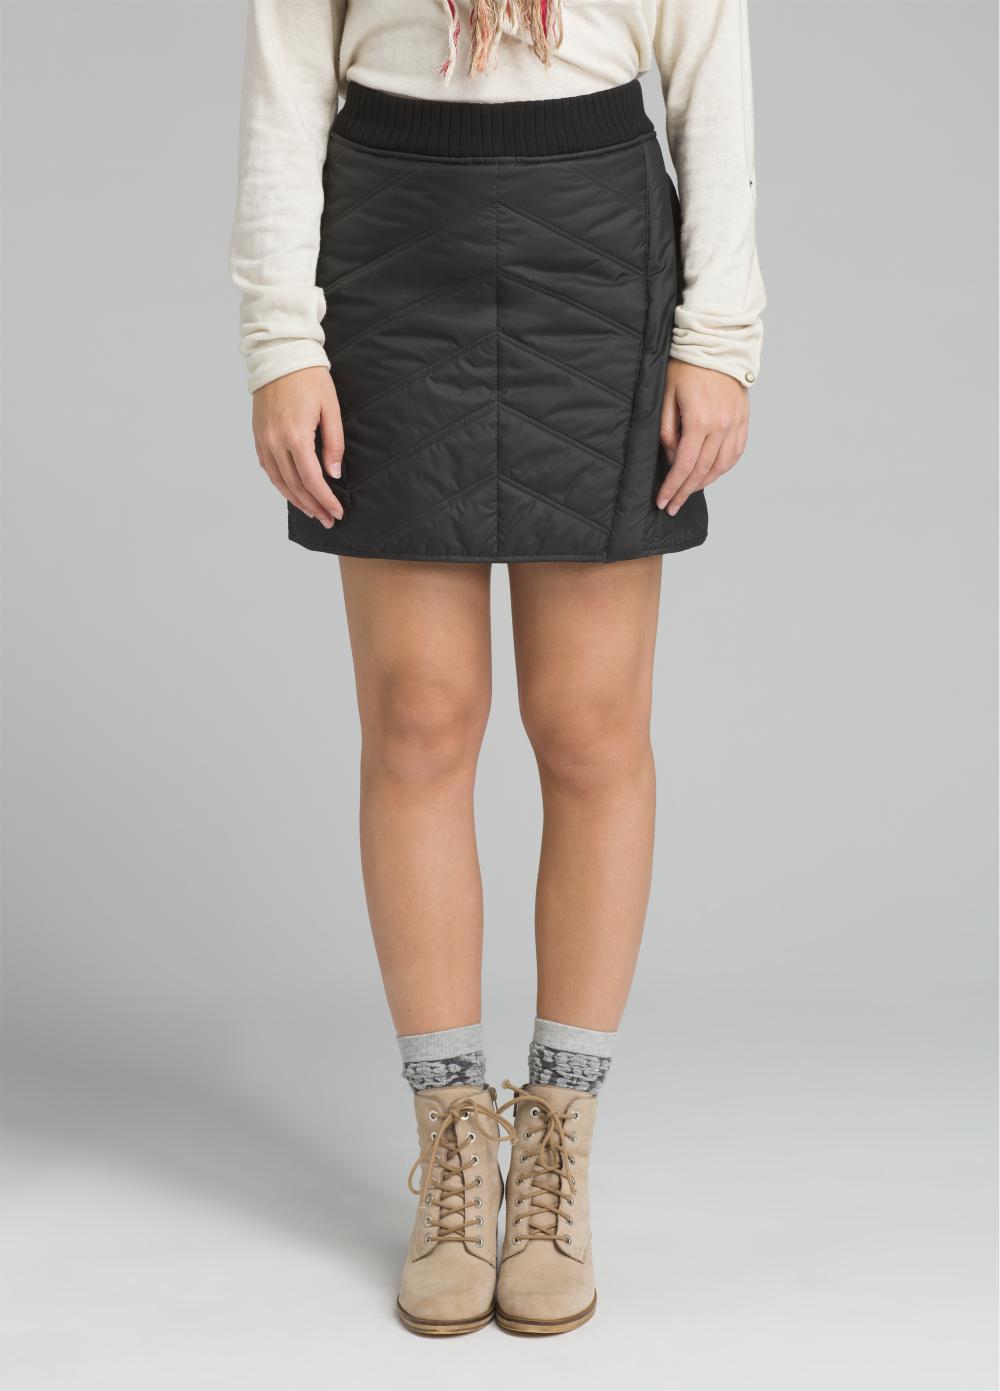 prAna-Diva Wrap Skirt - Women's